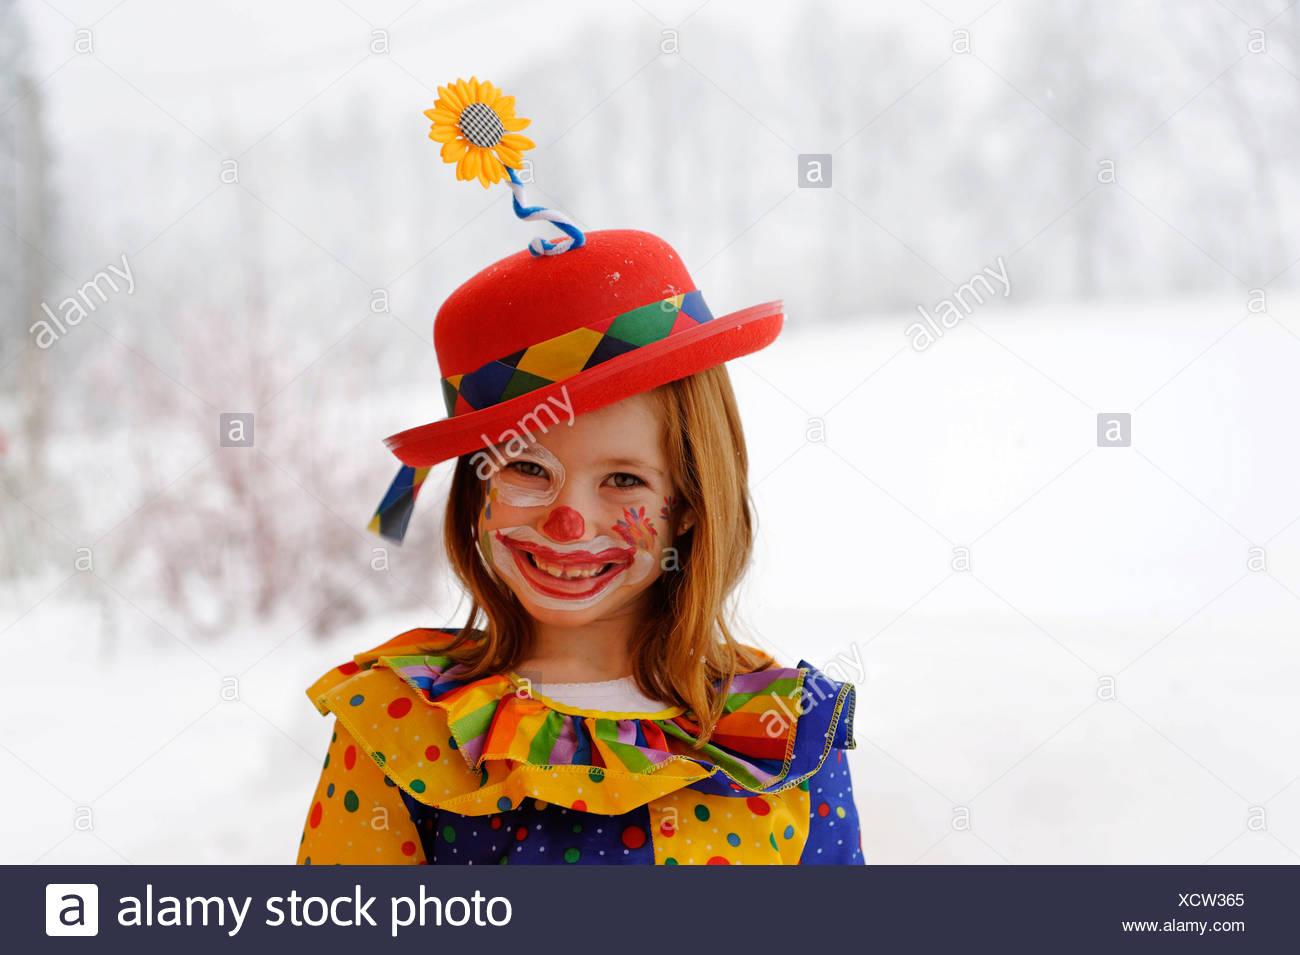 Clown ragazza in costume di carnevale Immagini Stock